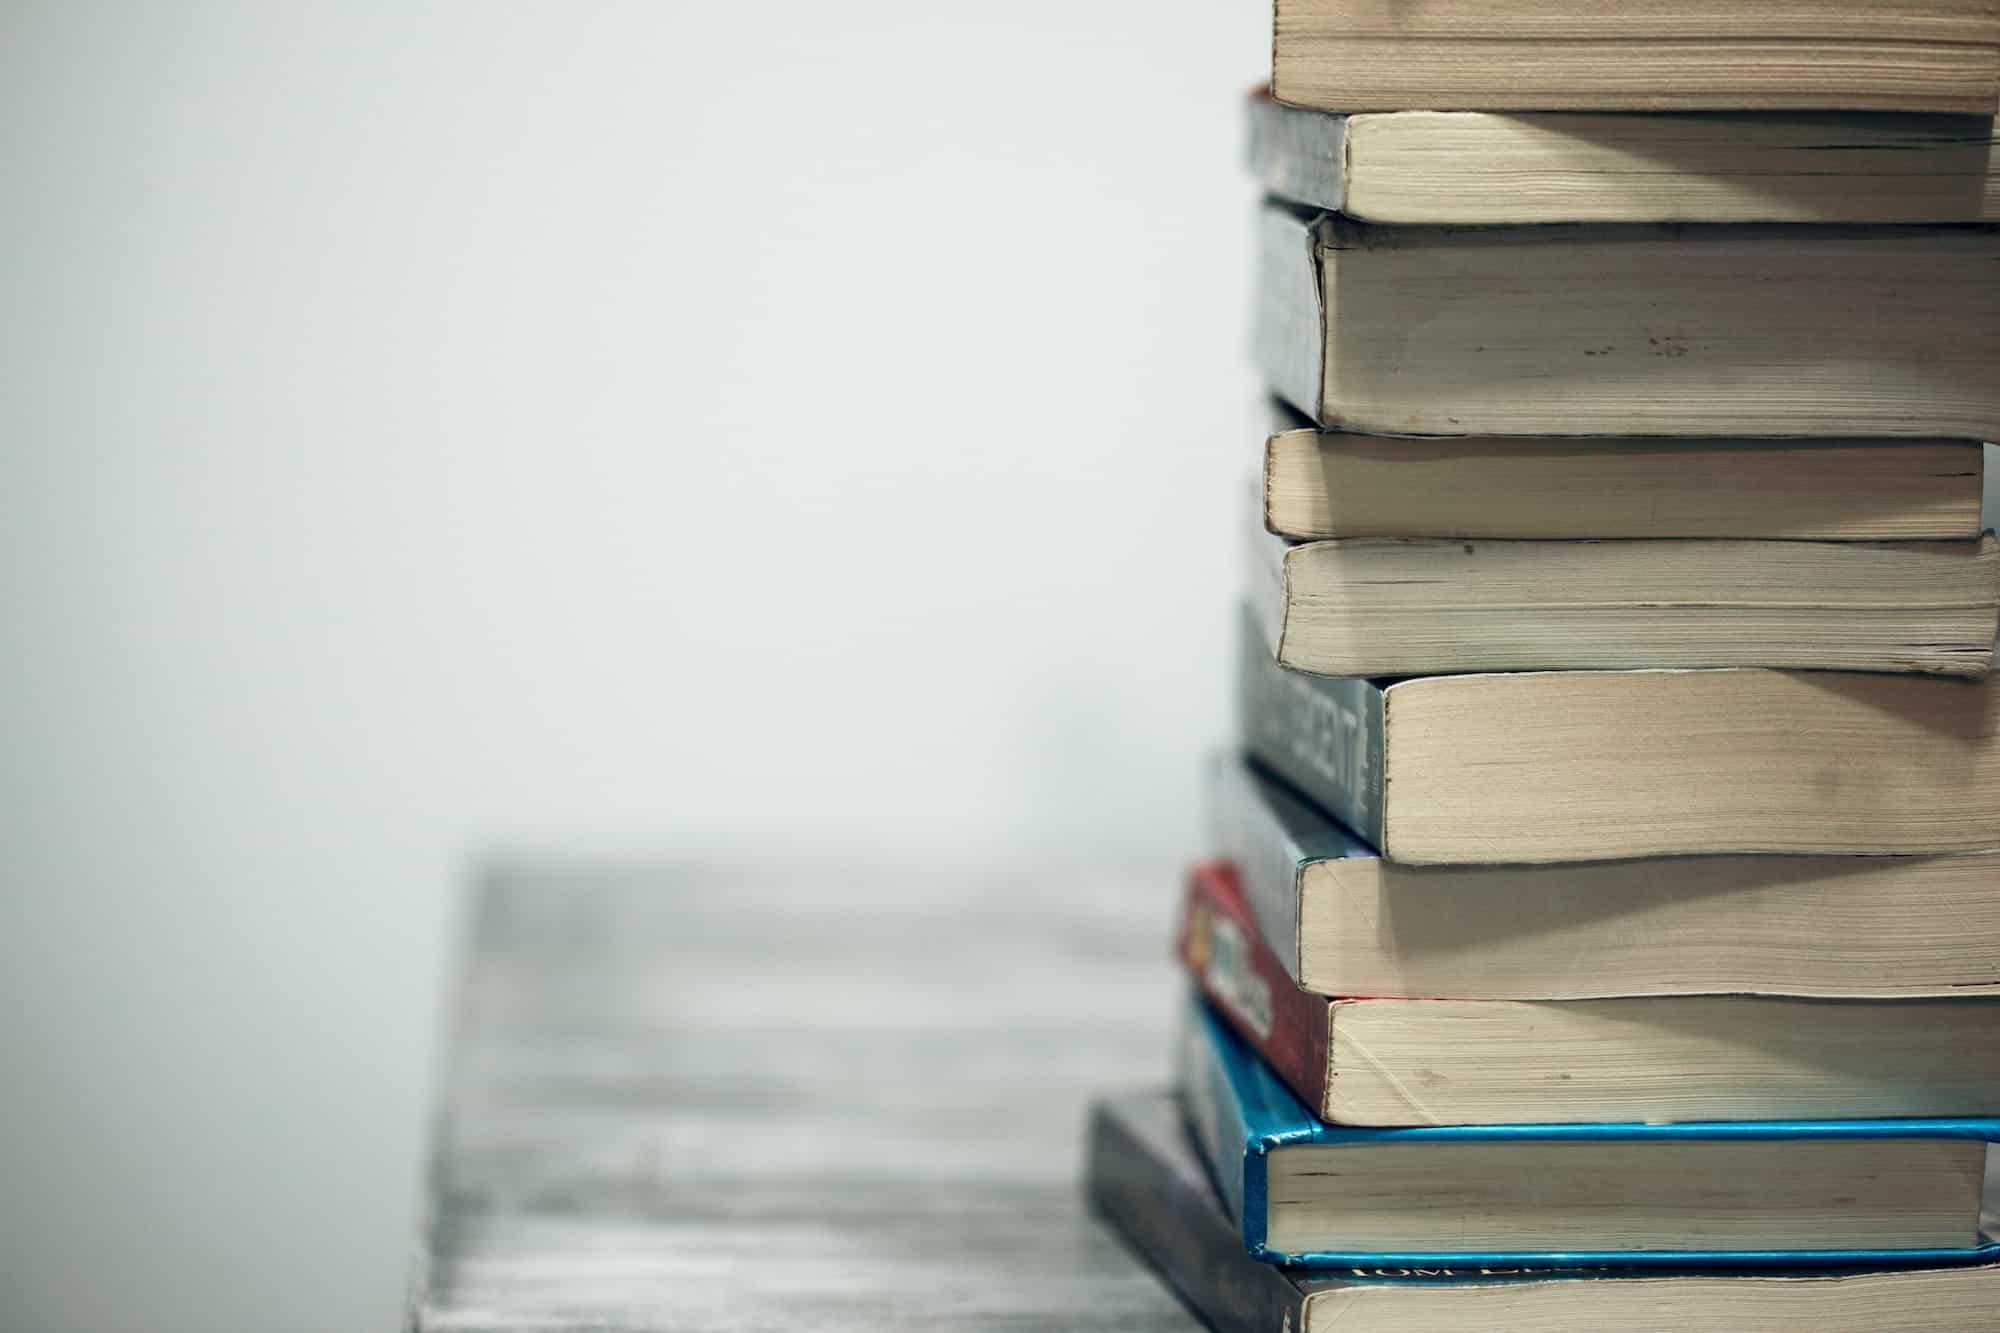 Tradycyjne książki